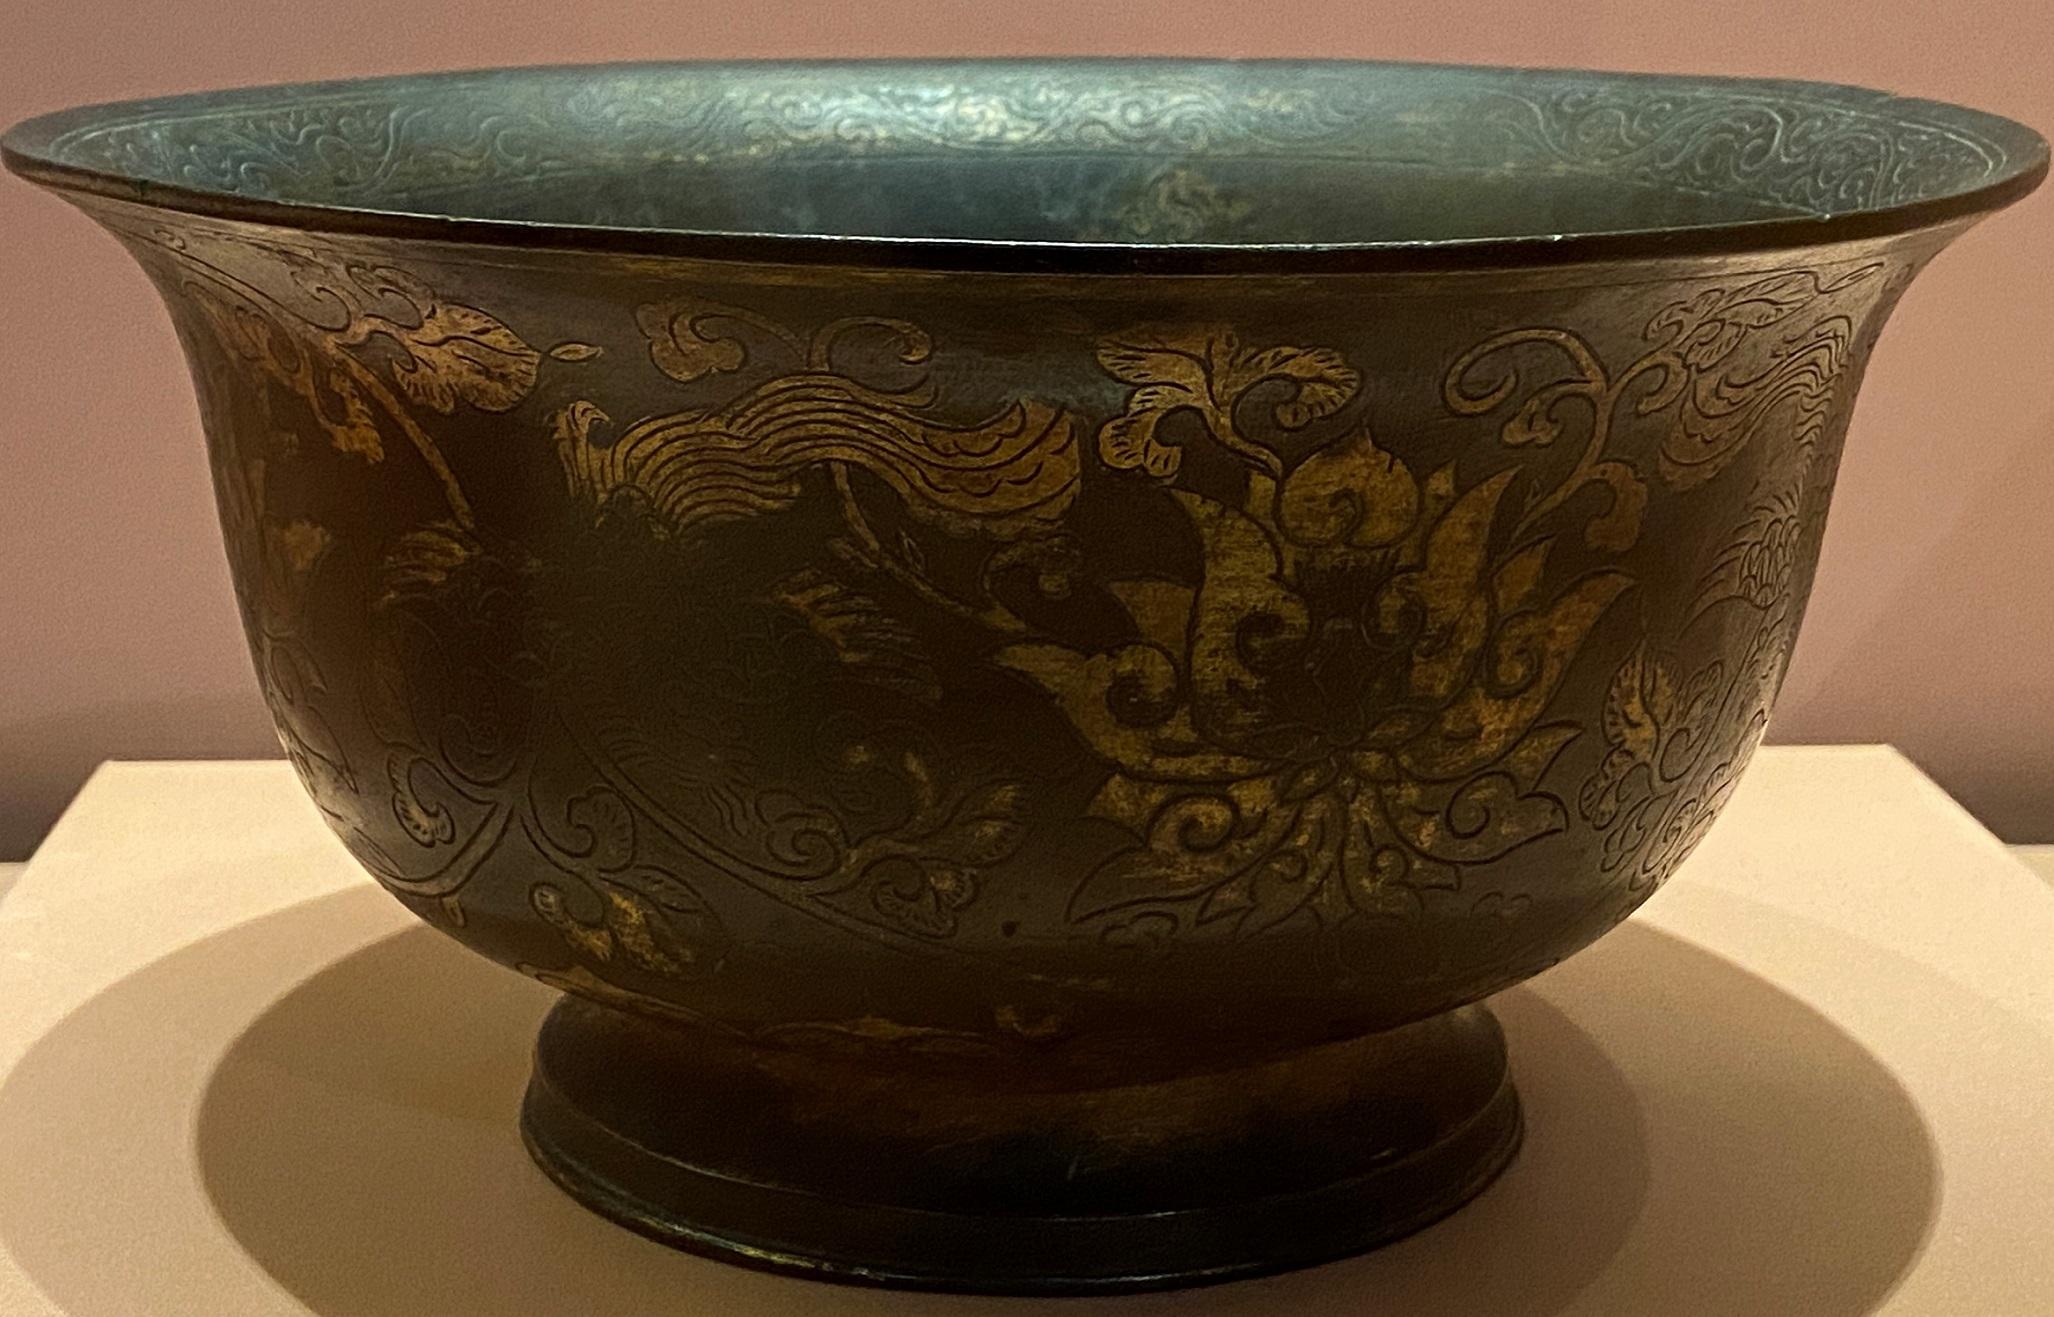 鍍金飛鸞牡丹紋銅碗-明時代-特別展【食味人間】四川博物院・中国国家博物館